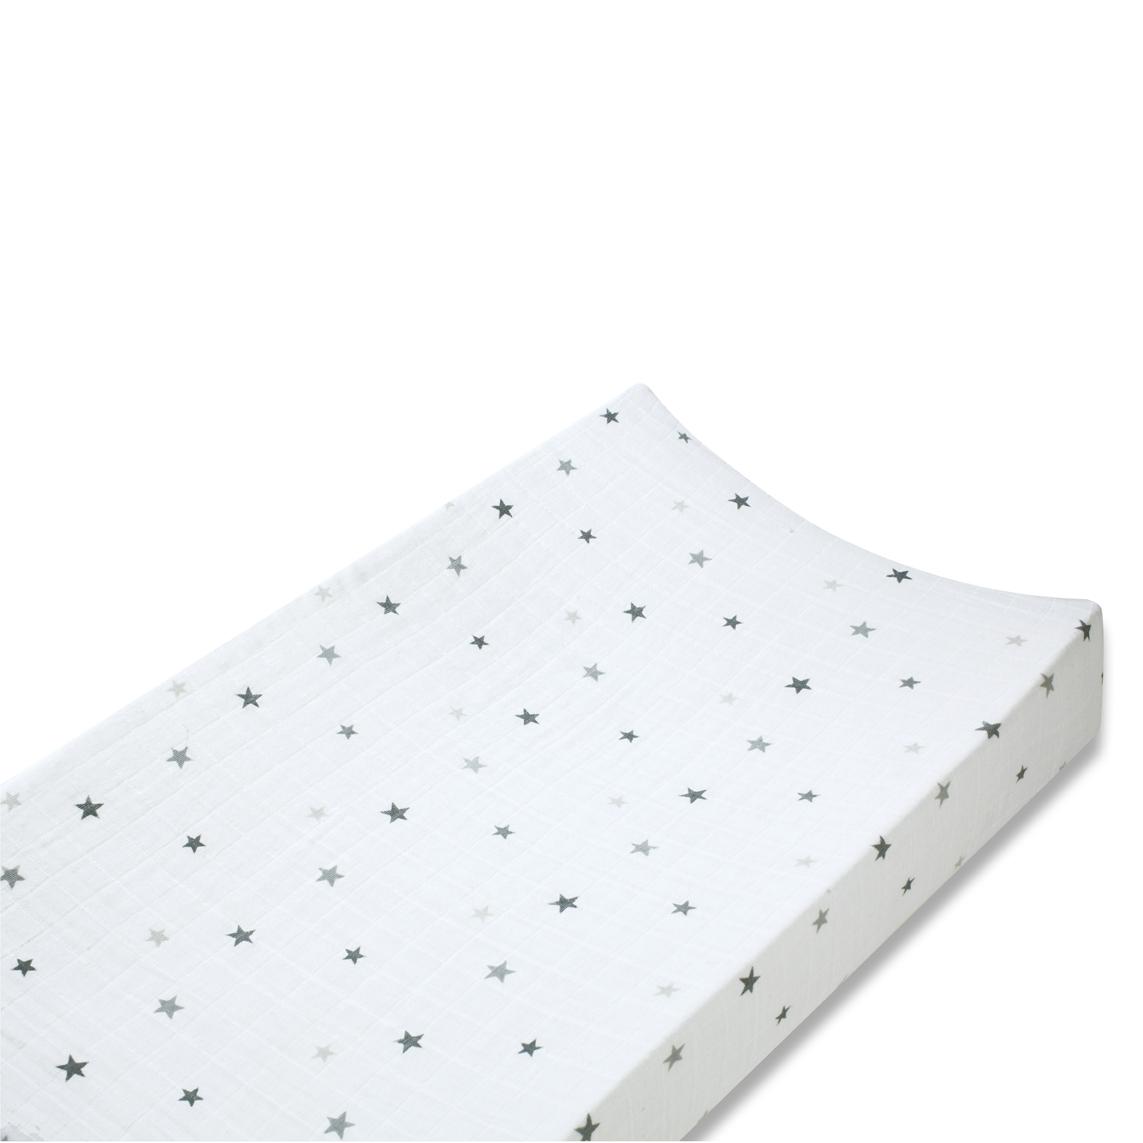 housse de matelas langer etoiles grises aden ana s pour chambre enfant les enfants du design. Black Bedroom Furniture Sets. Home Design Ideas